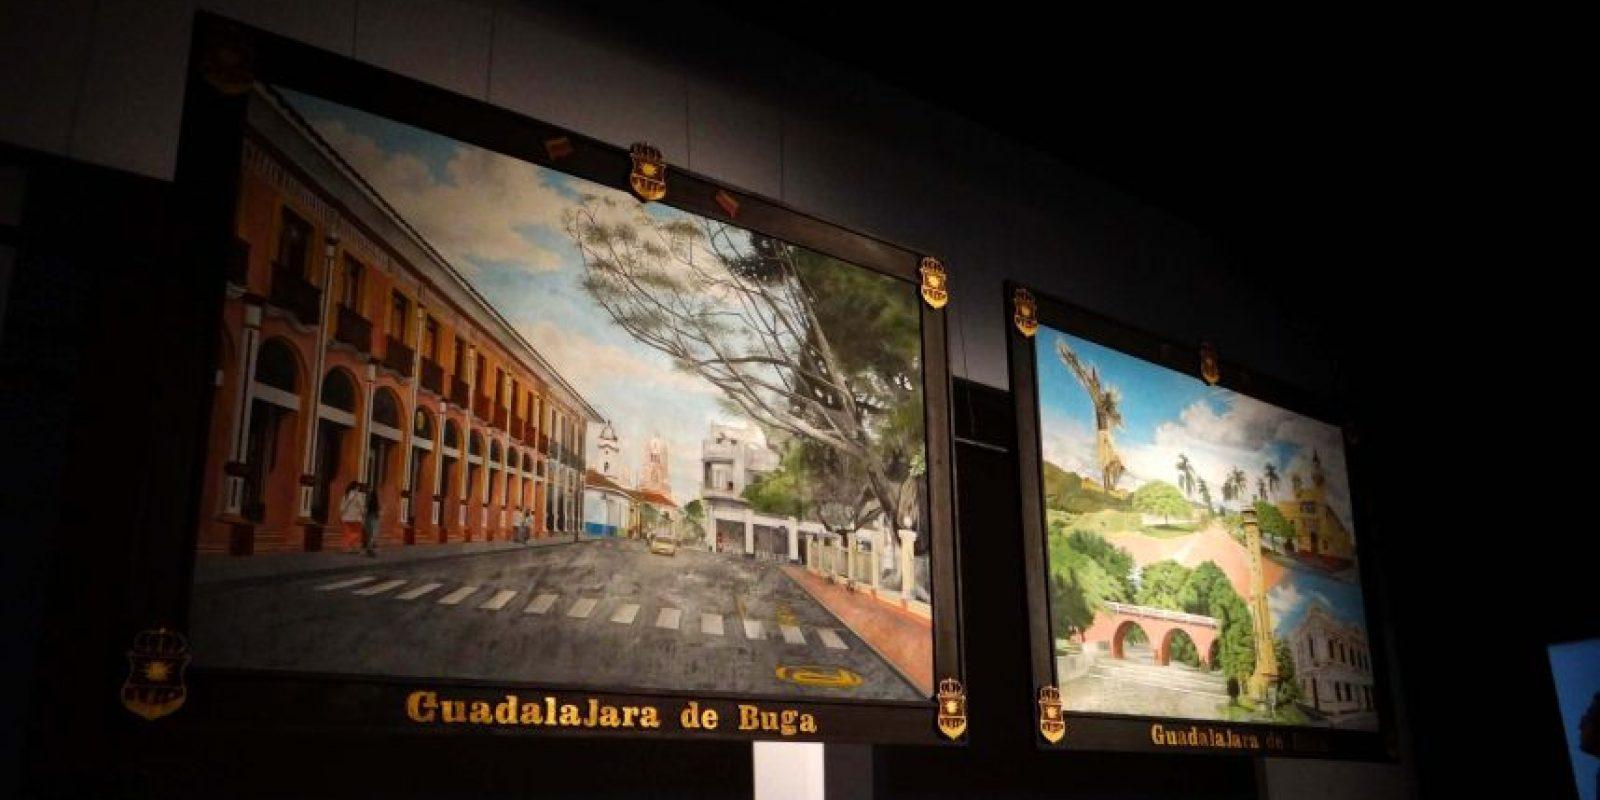 Los cuadros que fueron entregados al Gobierno de Buga por su inclusión en la Red de Pueblos Patrimonio. Foto: Diego Hernán Pérez S. /PUBLIMETRO